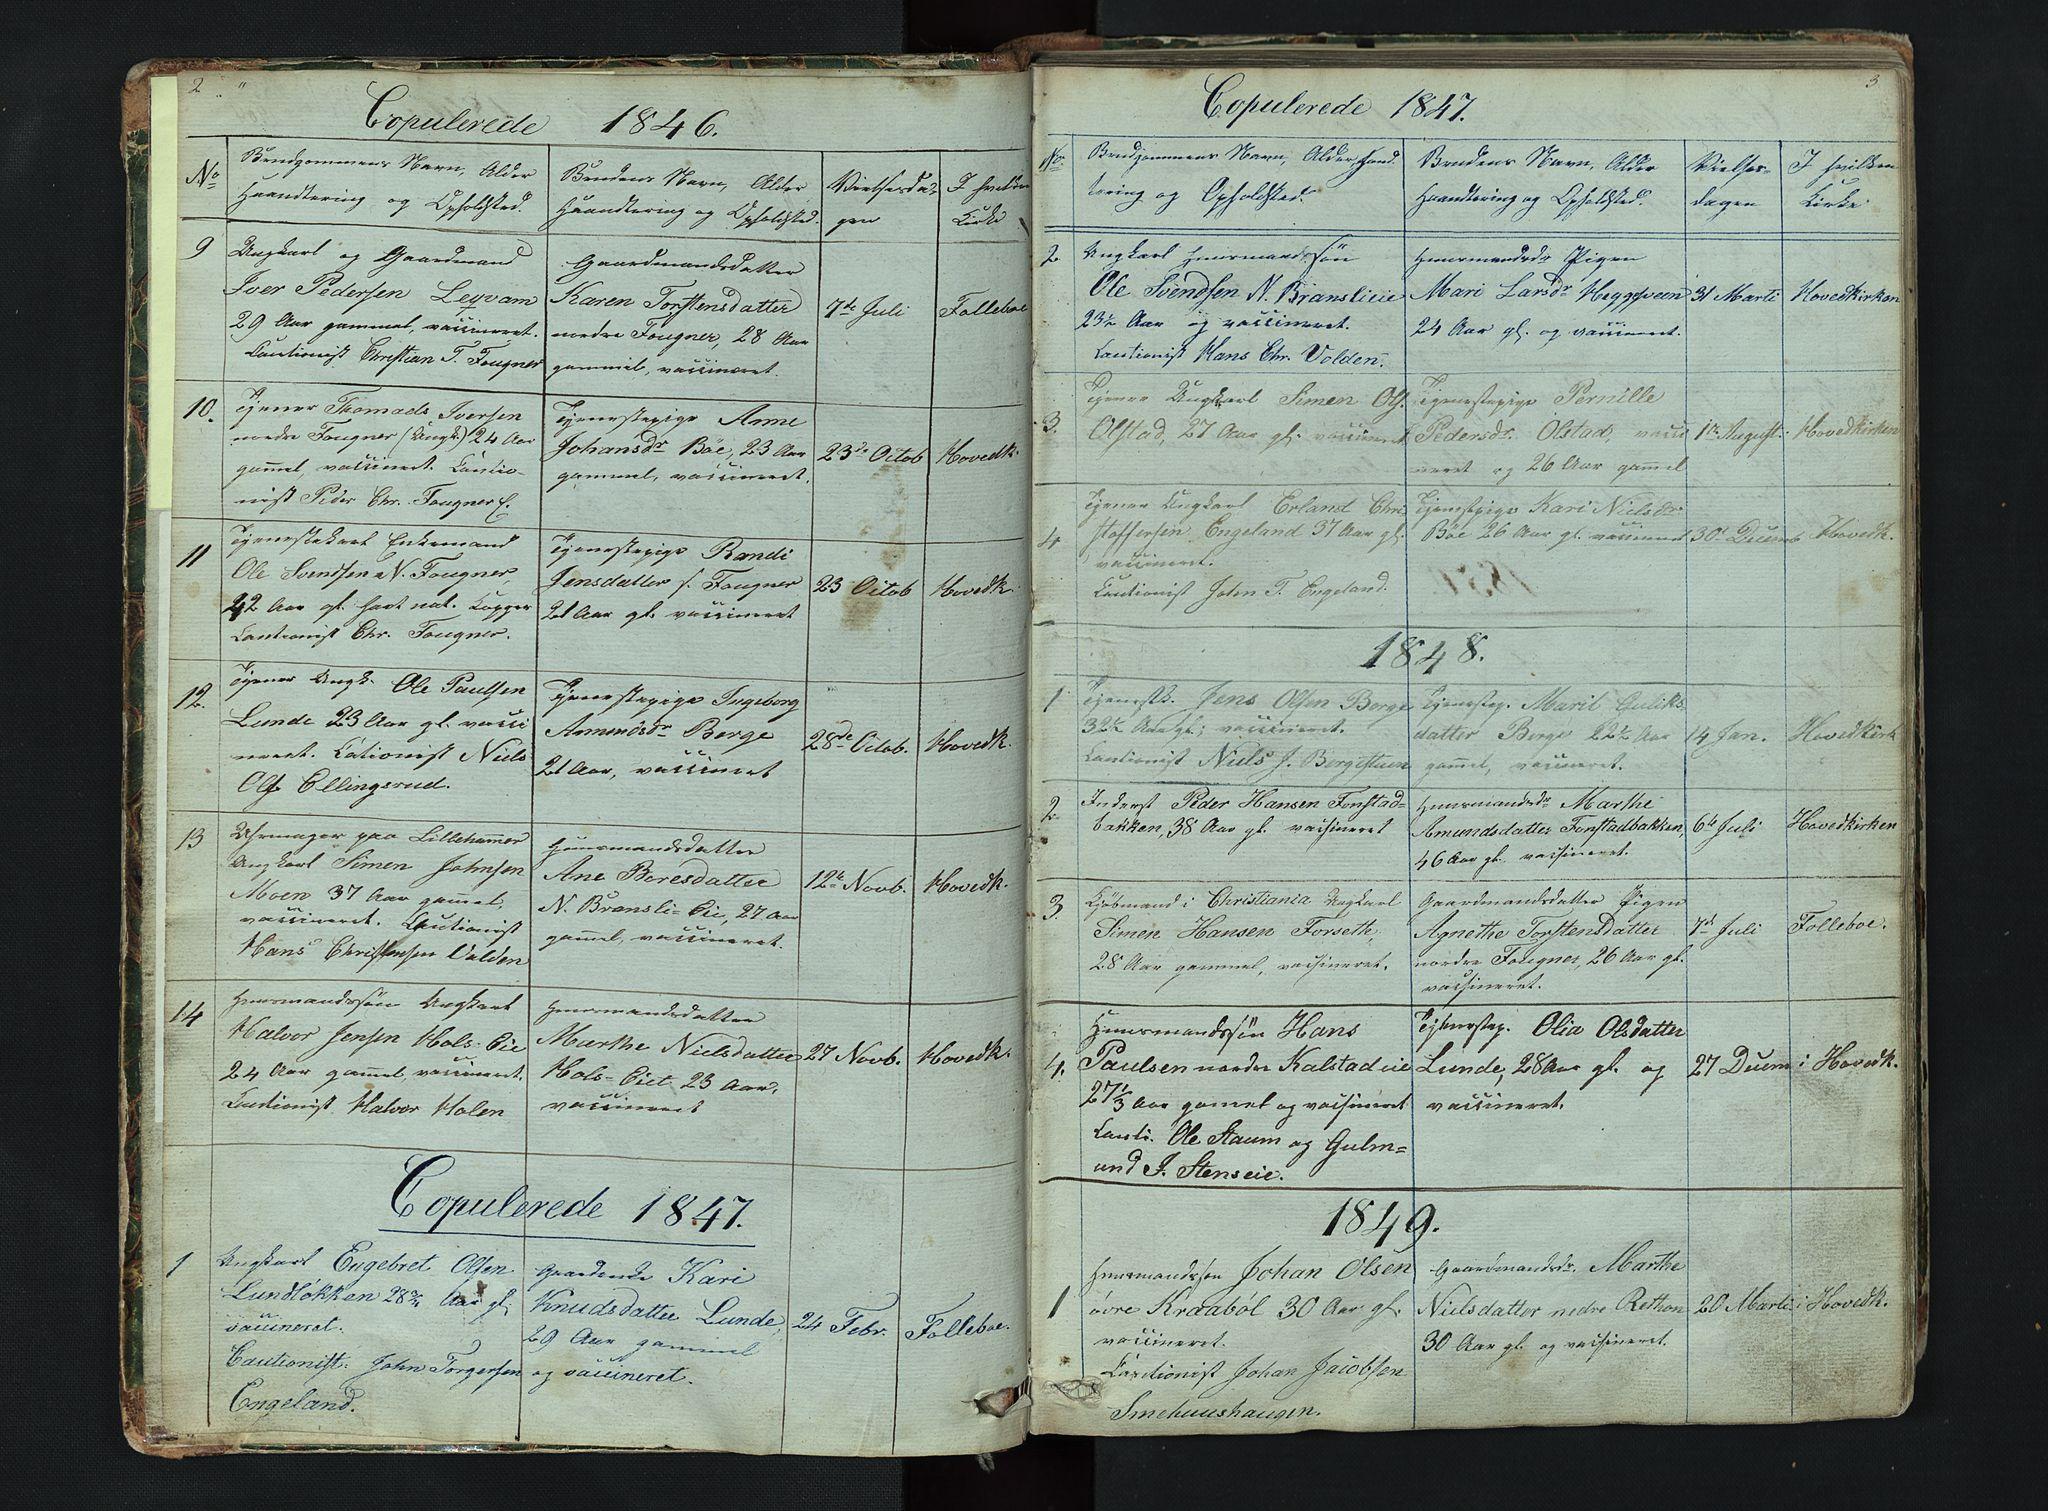 SAH, Gausdal prestekontor, Klokkerbok nr. 6, 1846-1893, s. 2-3